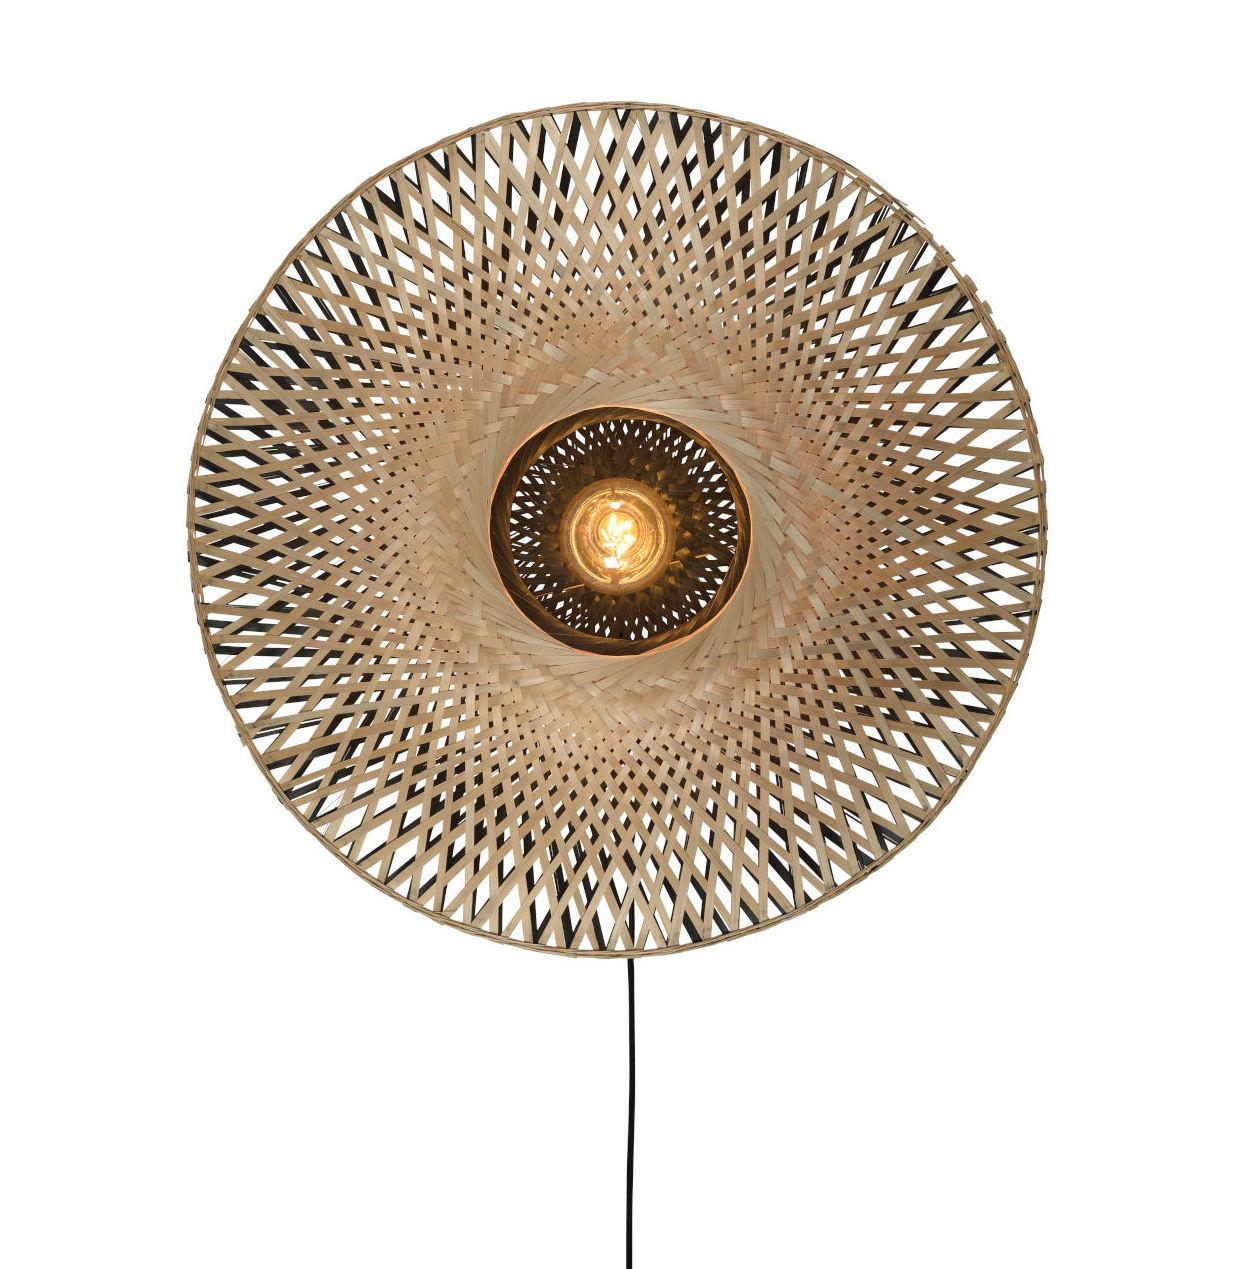 Illuminazione - Lampade da parete - Applique con presa Kalimantan - / Bambù - Ø 60 cm di GOOD&MOJO - Ø 60 cm / Nero & naturale - Bambù